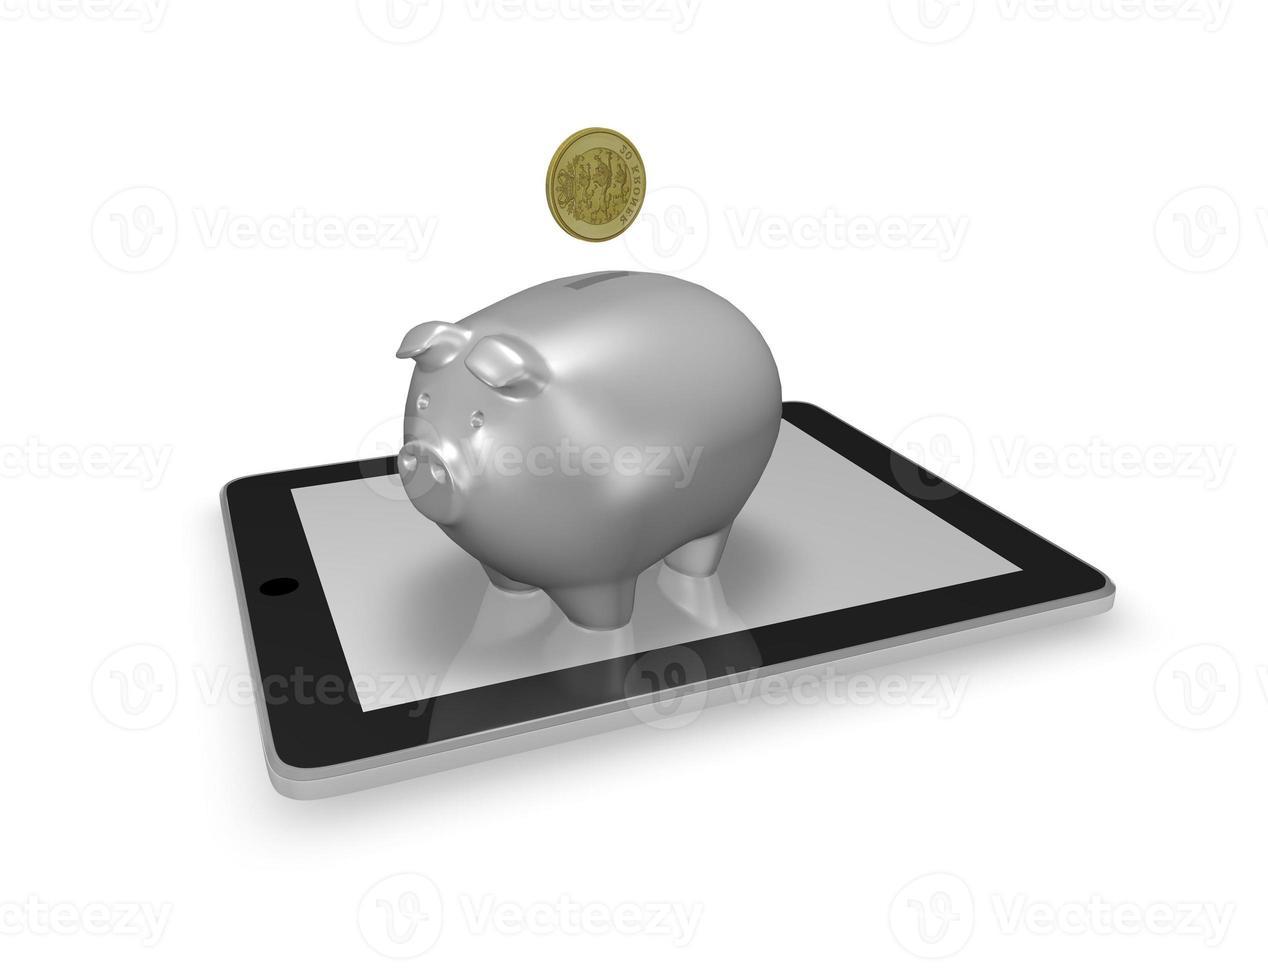 concept de banque mobile photo